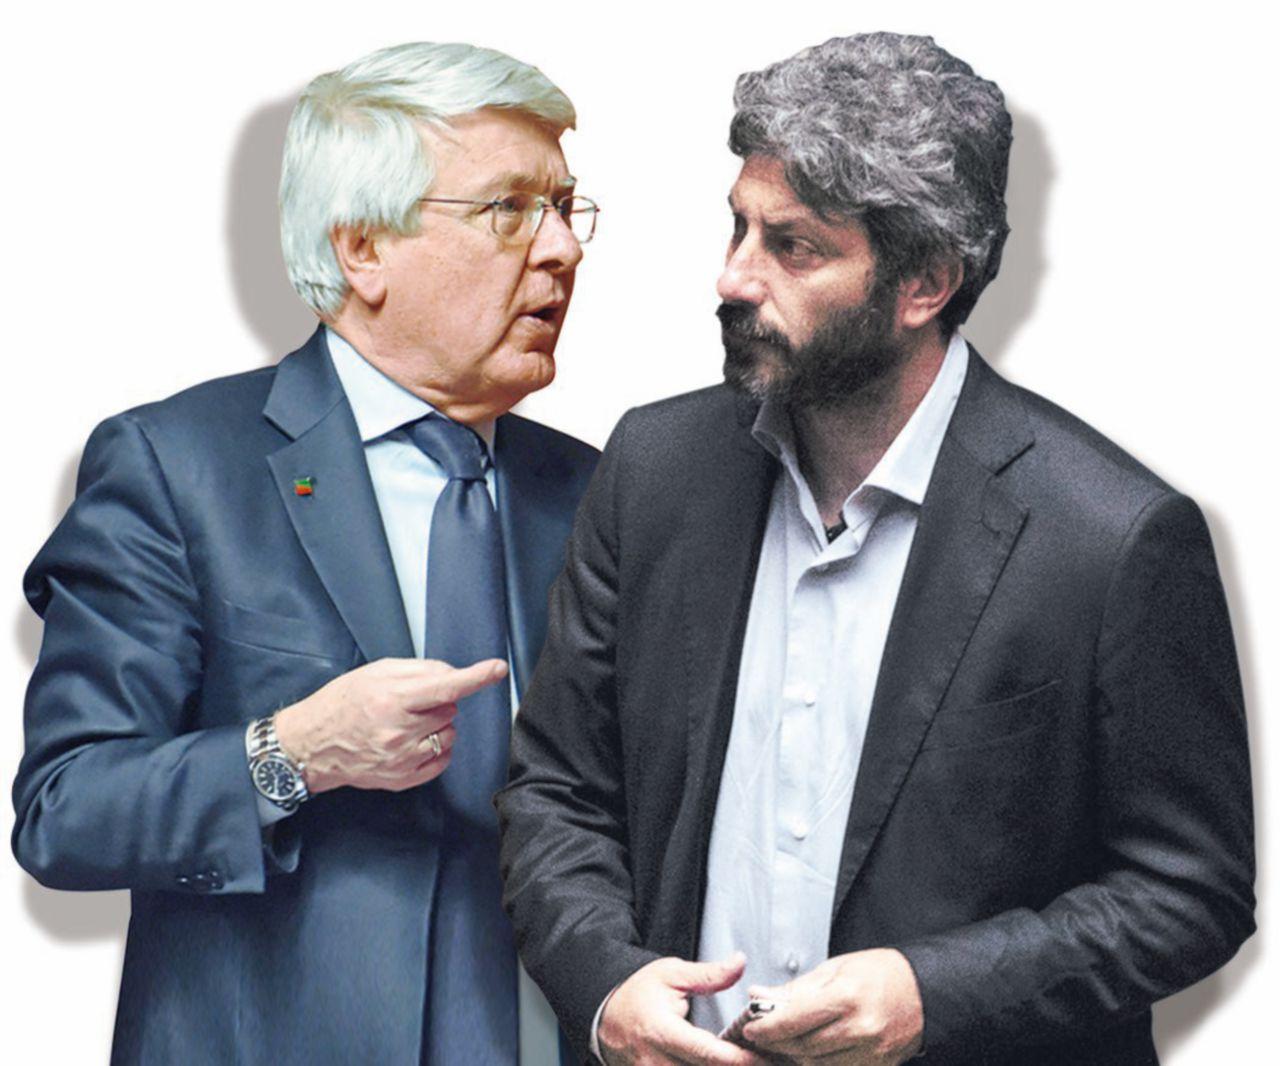 In Edicola sul Fatto del 22 marzo: Caso Romani FI propone un presidente condannato per peculato